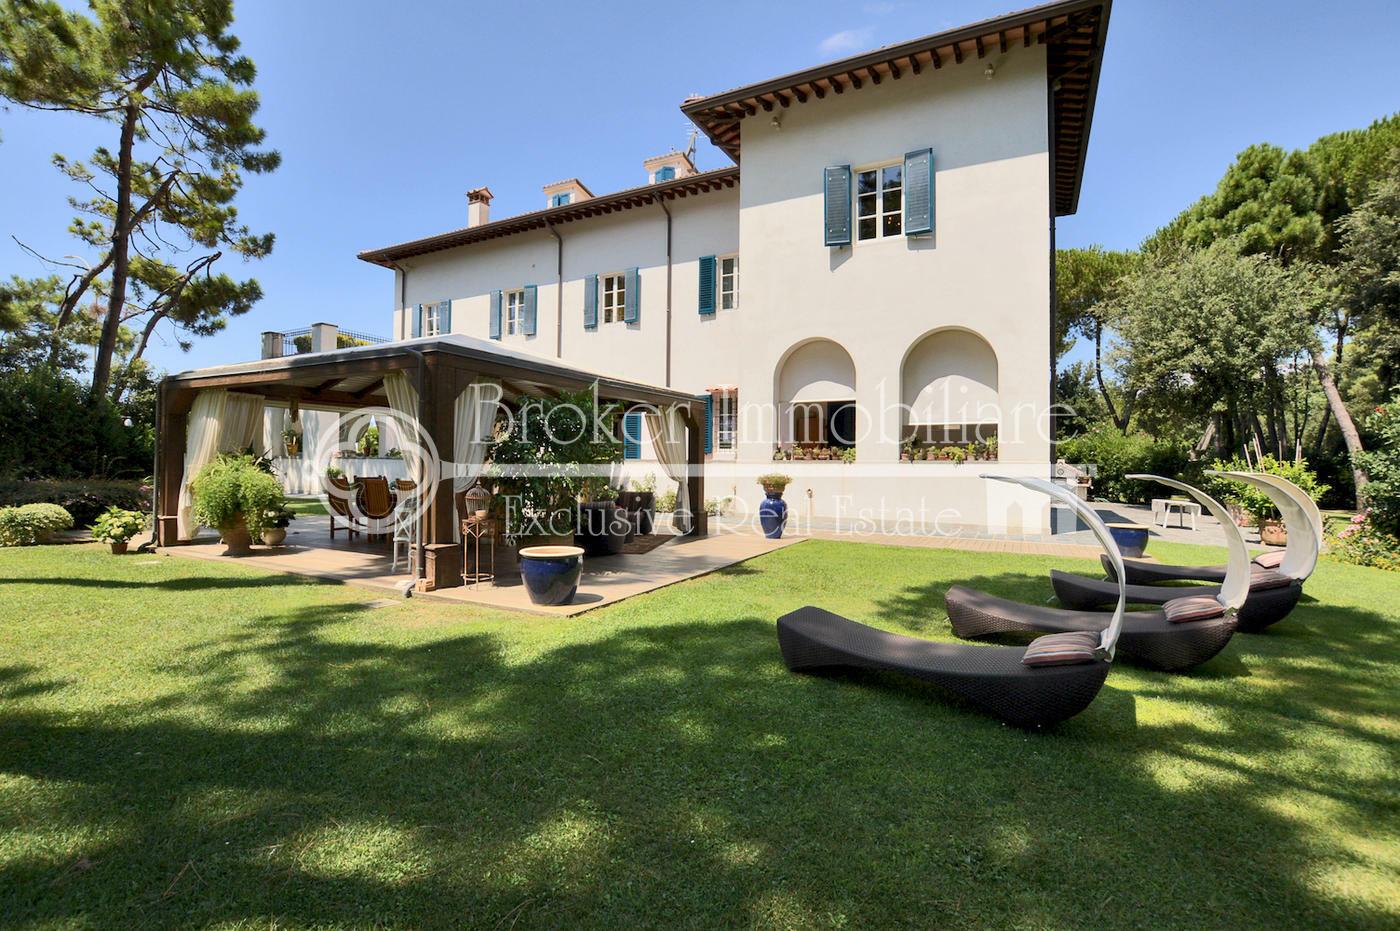 Esclusiva villa di lusso fronte mare in vendita sulla Riviera Apuana